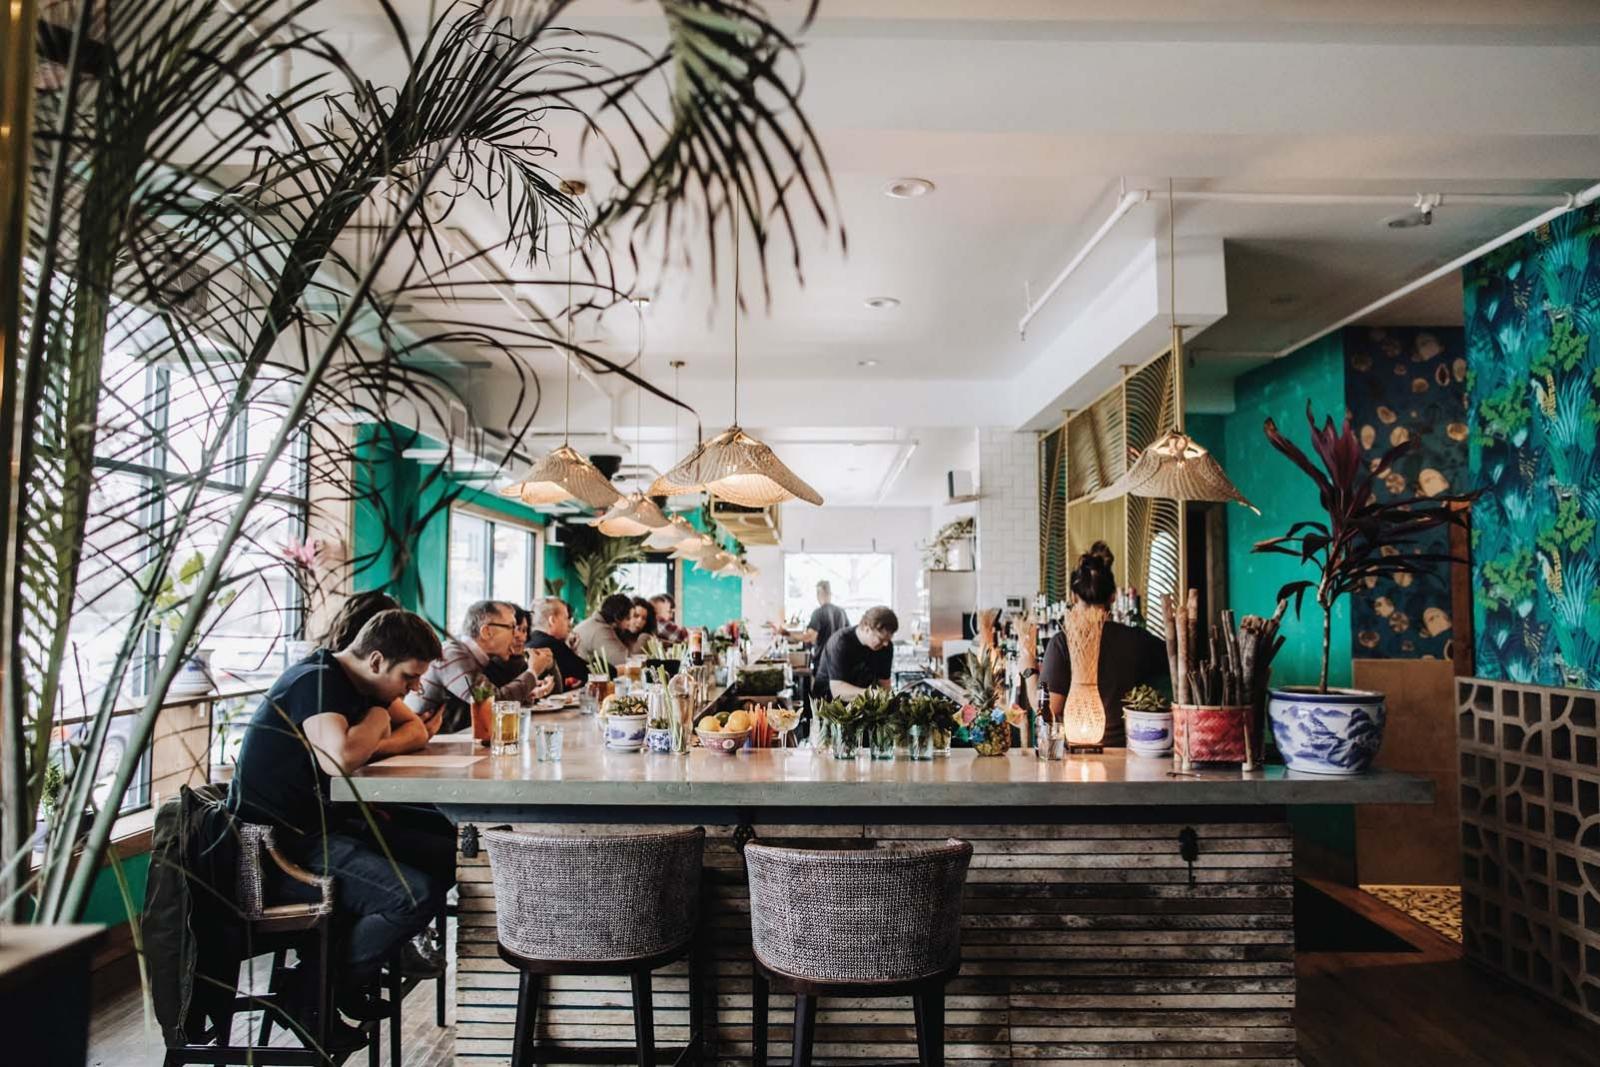 The dining room and bar at Hai Hai.